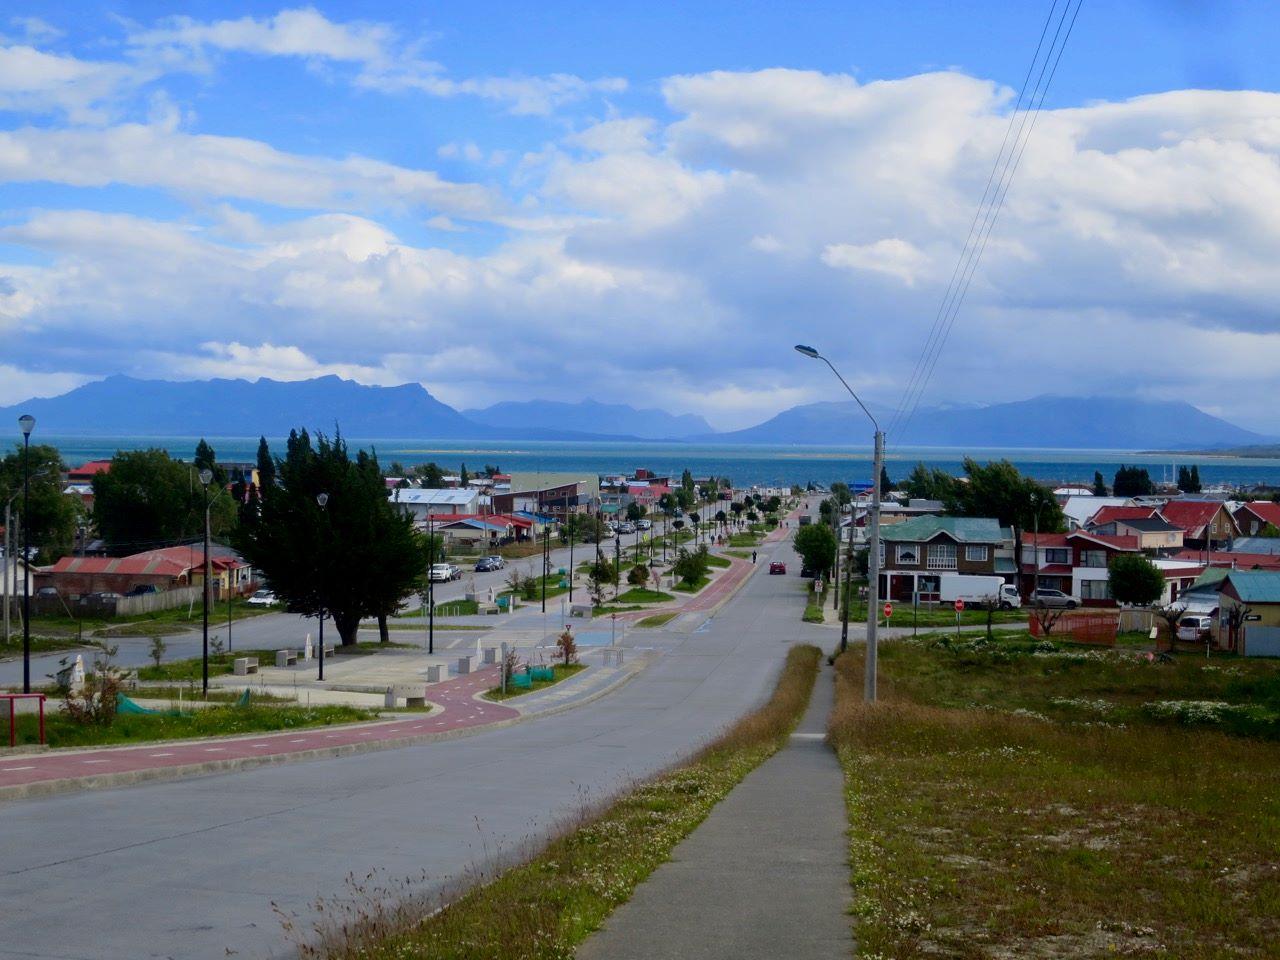 Organizaciones gremiales y ciudadanas de Puerto Natales piden suspender consulta de nuevo Plan Regulador de la comuna